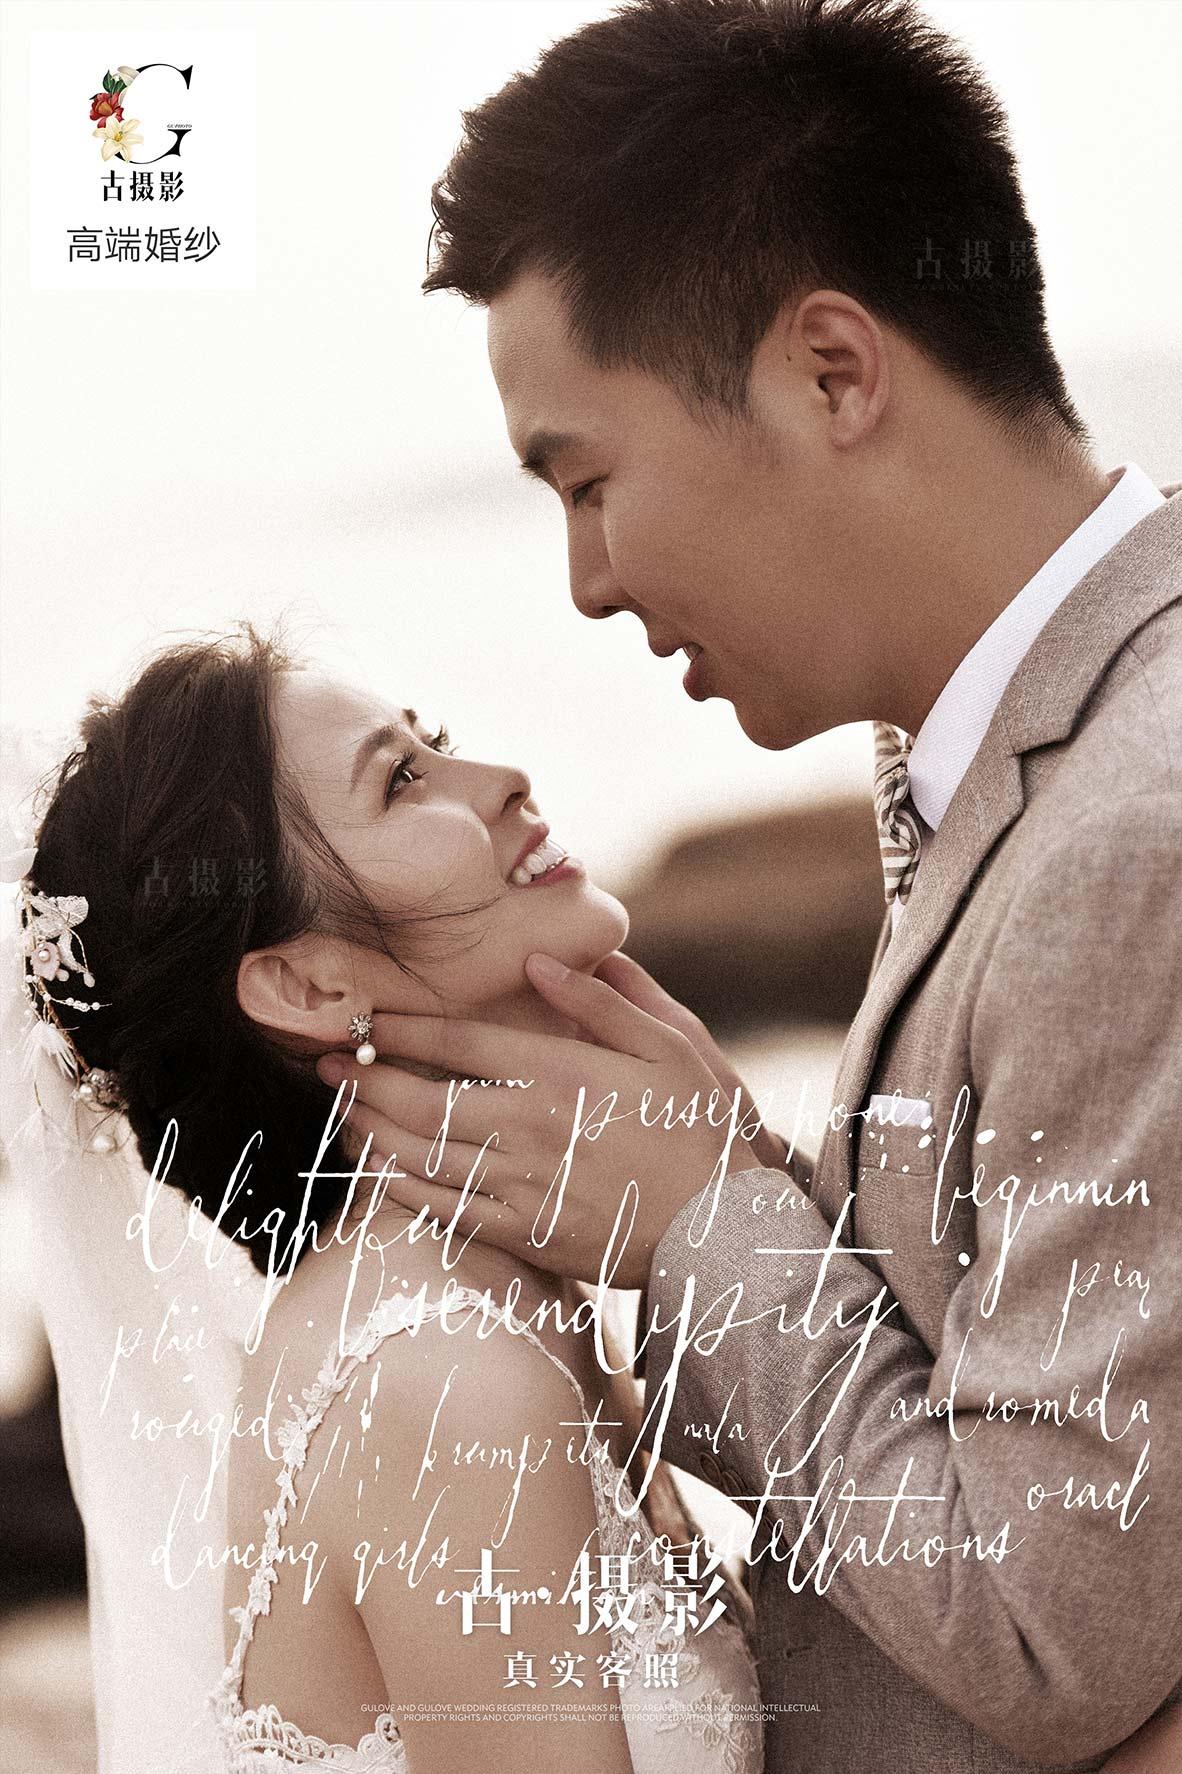 1月19日客片谢先生 张小姐 - 每日客照 - 广州婚纱摄影-广州古摄影官网